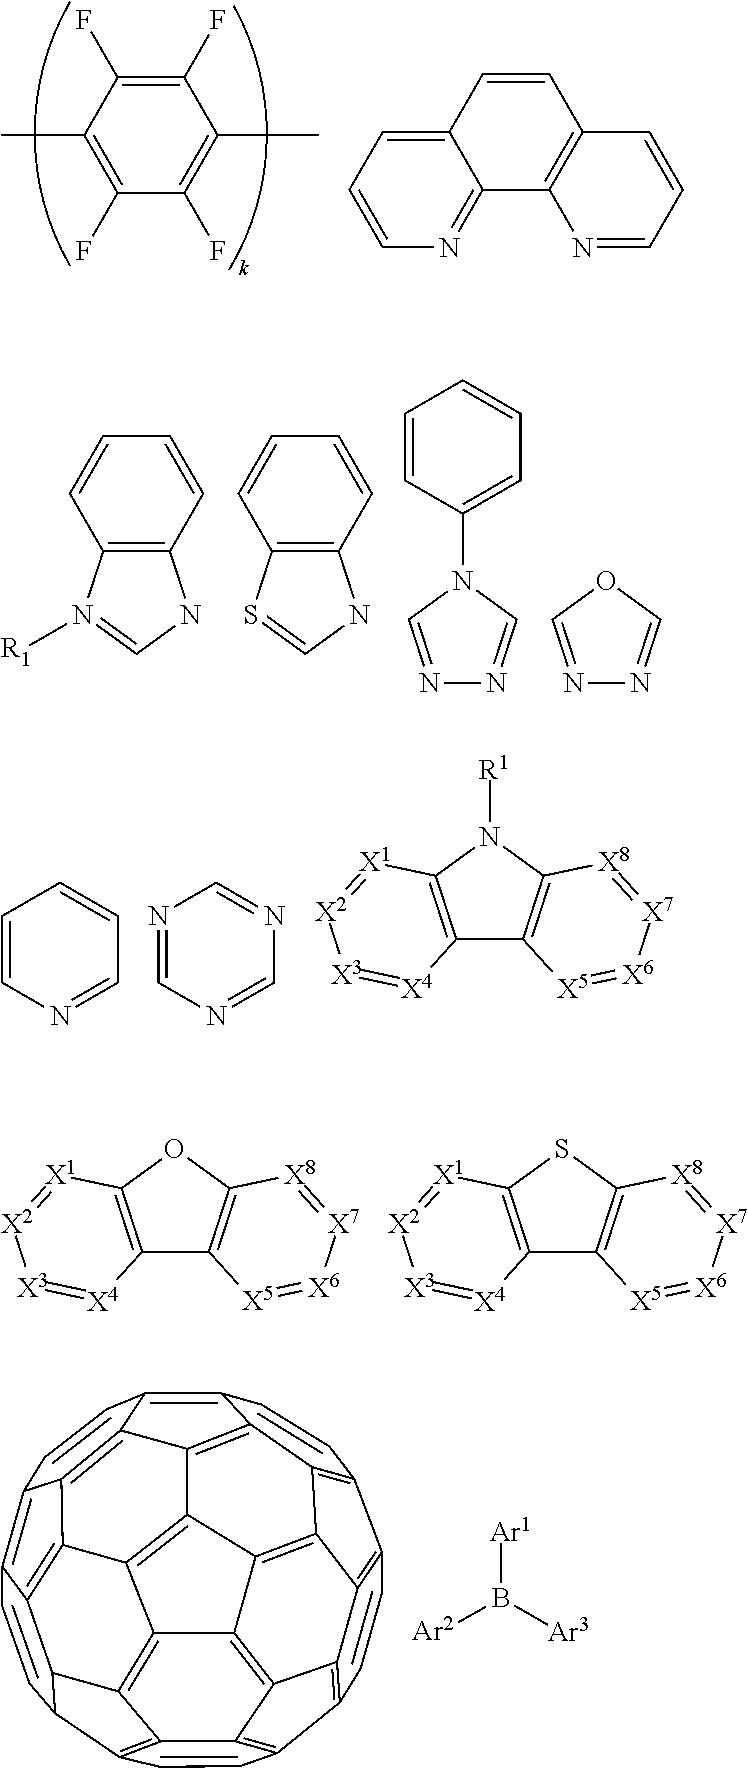 Figure US09450027-20160920-C00010